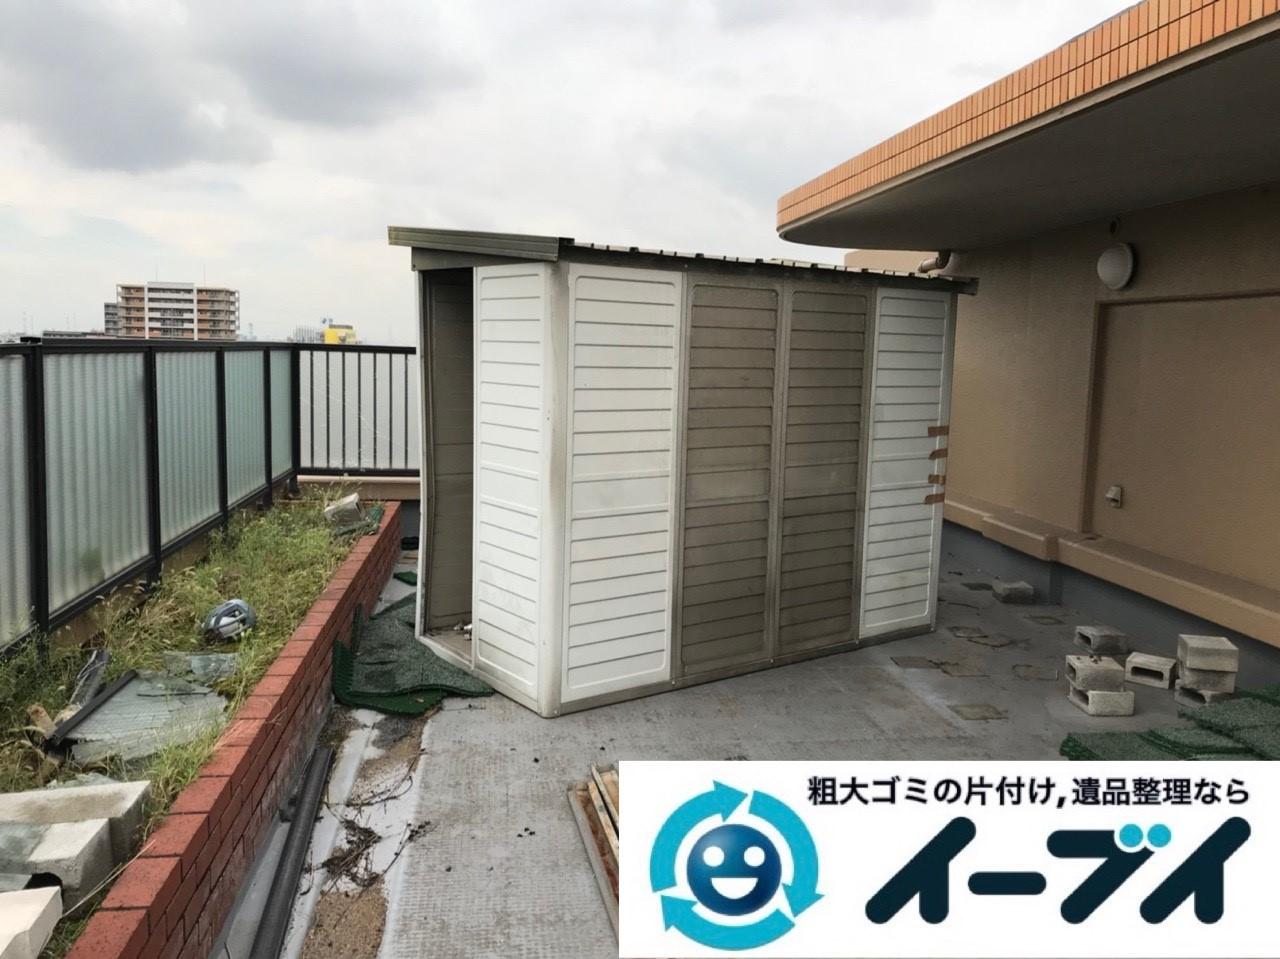 2019年1月3日大阪府堺市堺区で台風の被害で壊れた物置の解体回収の様子。写真6